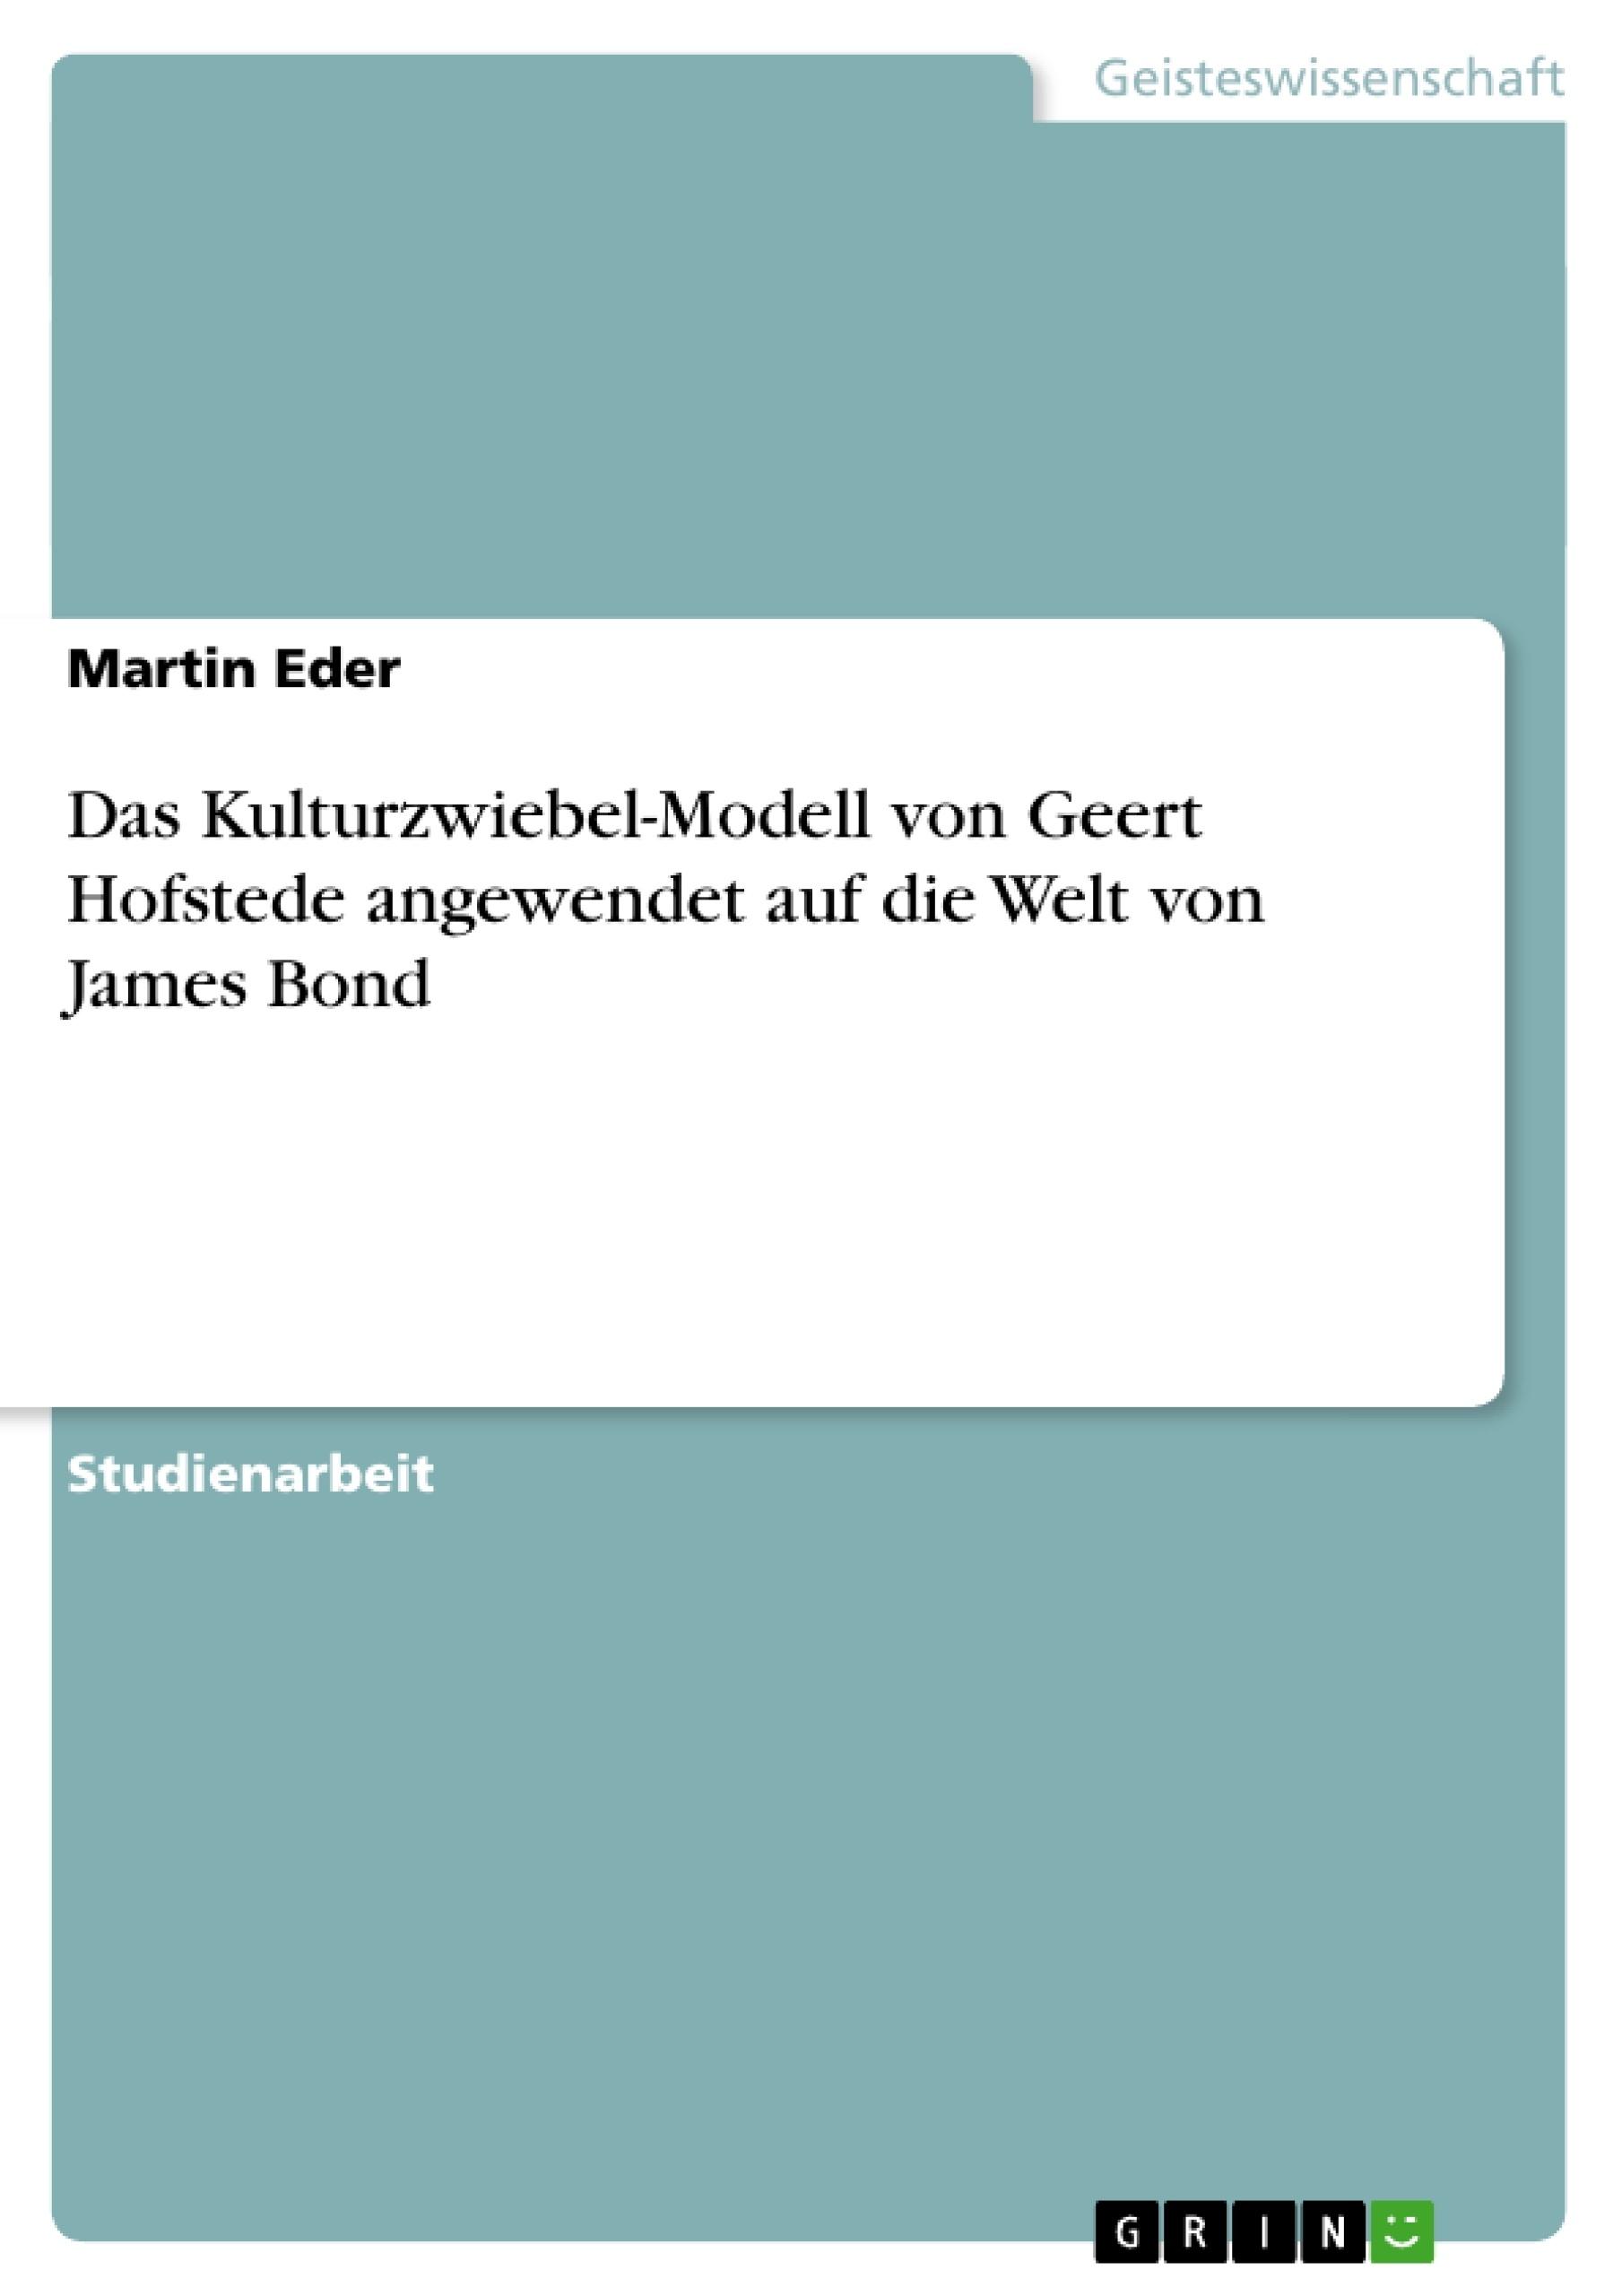 Titel: Das Kulturzwiebel-Modell von Geert Hofstede angewendet auf die Welt von James Bond